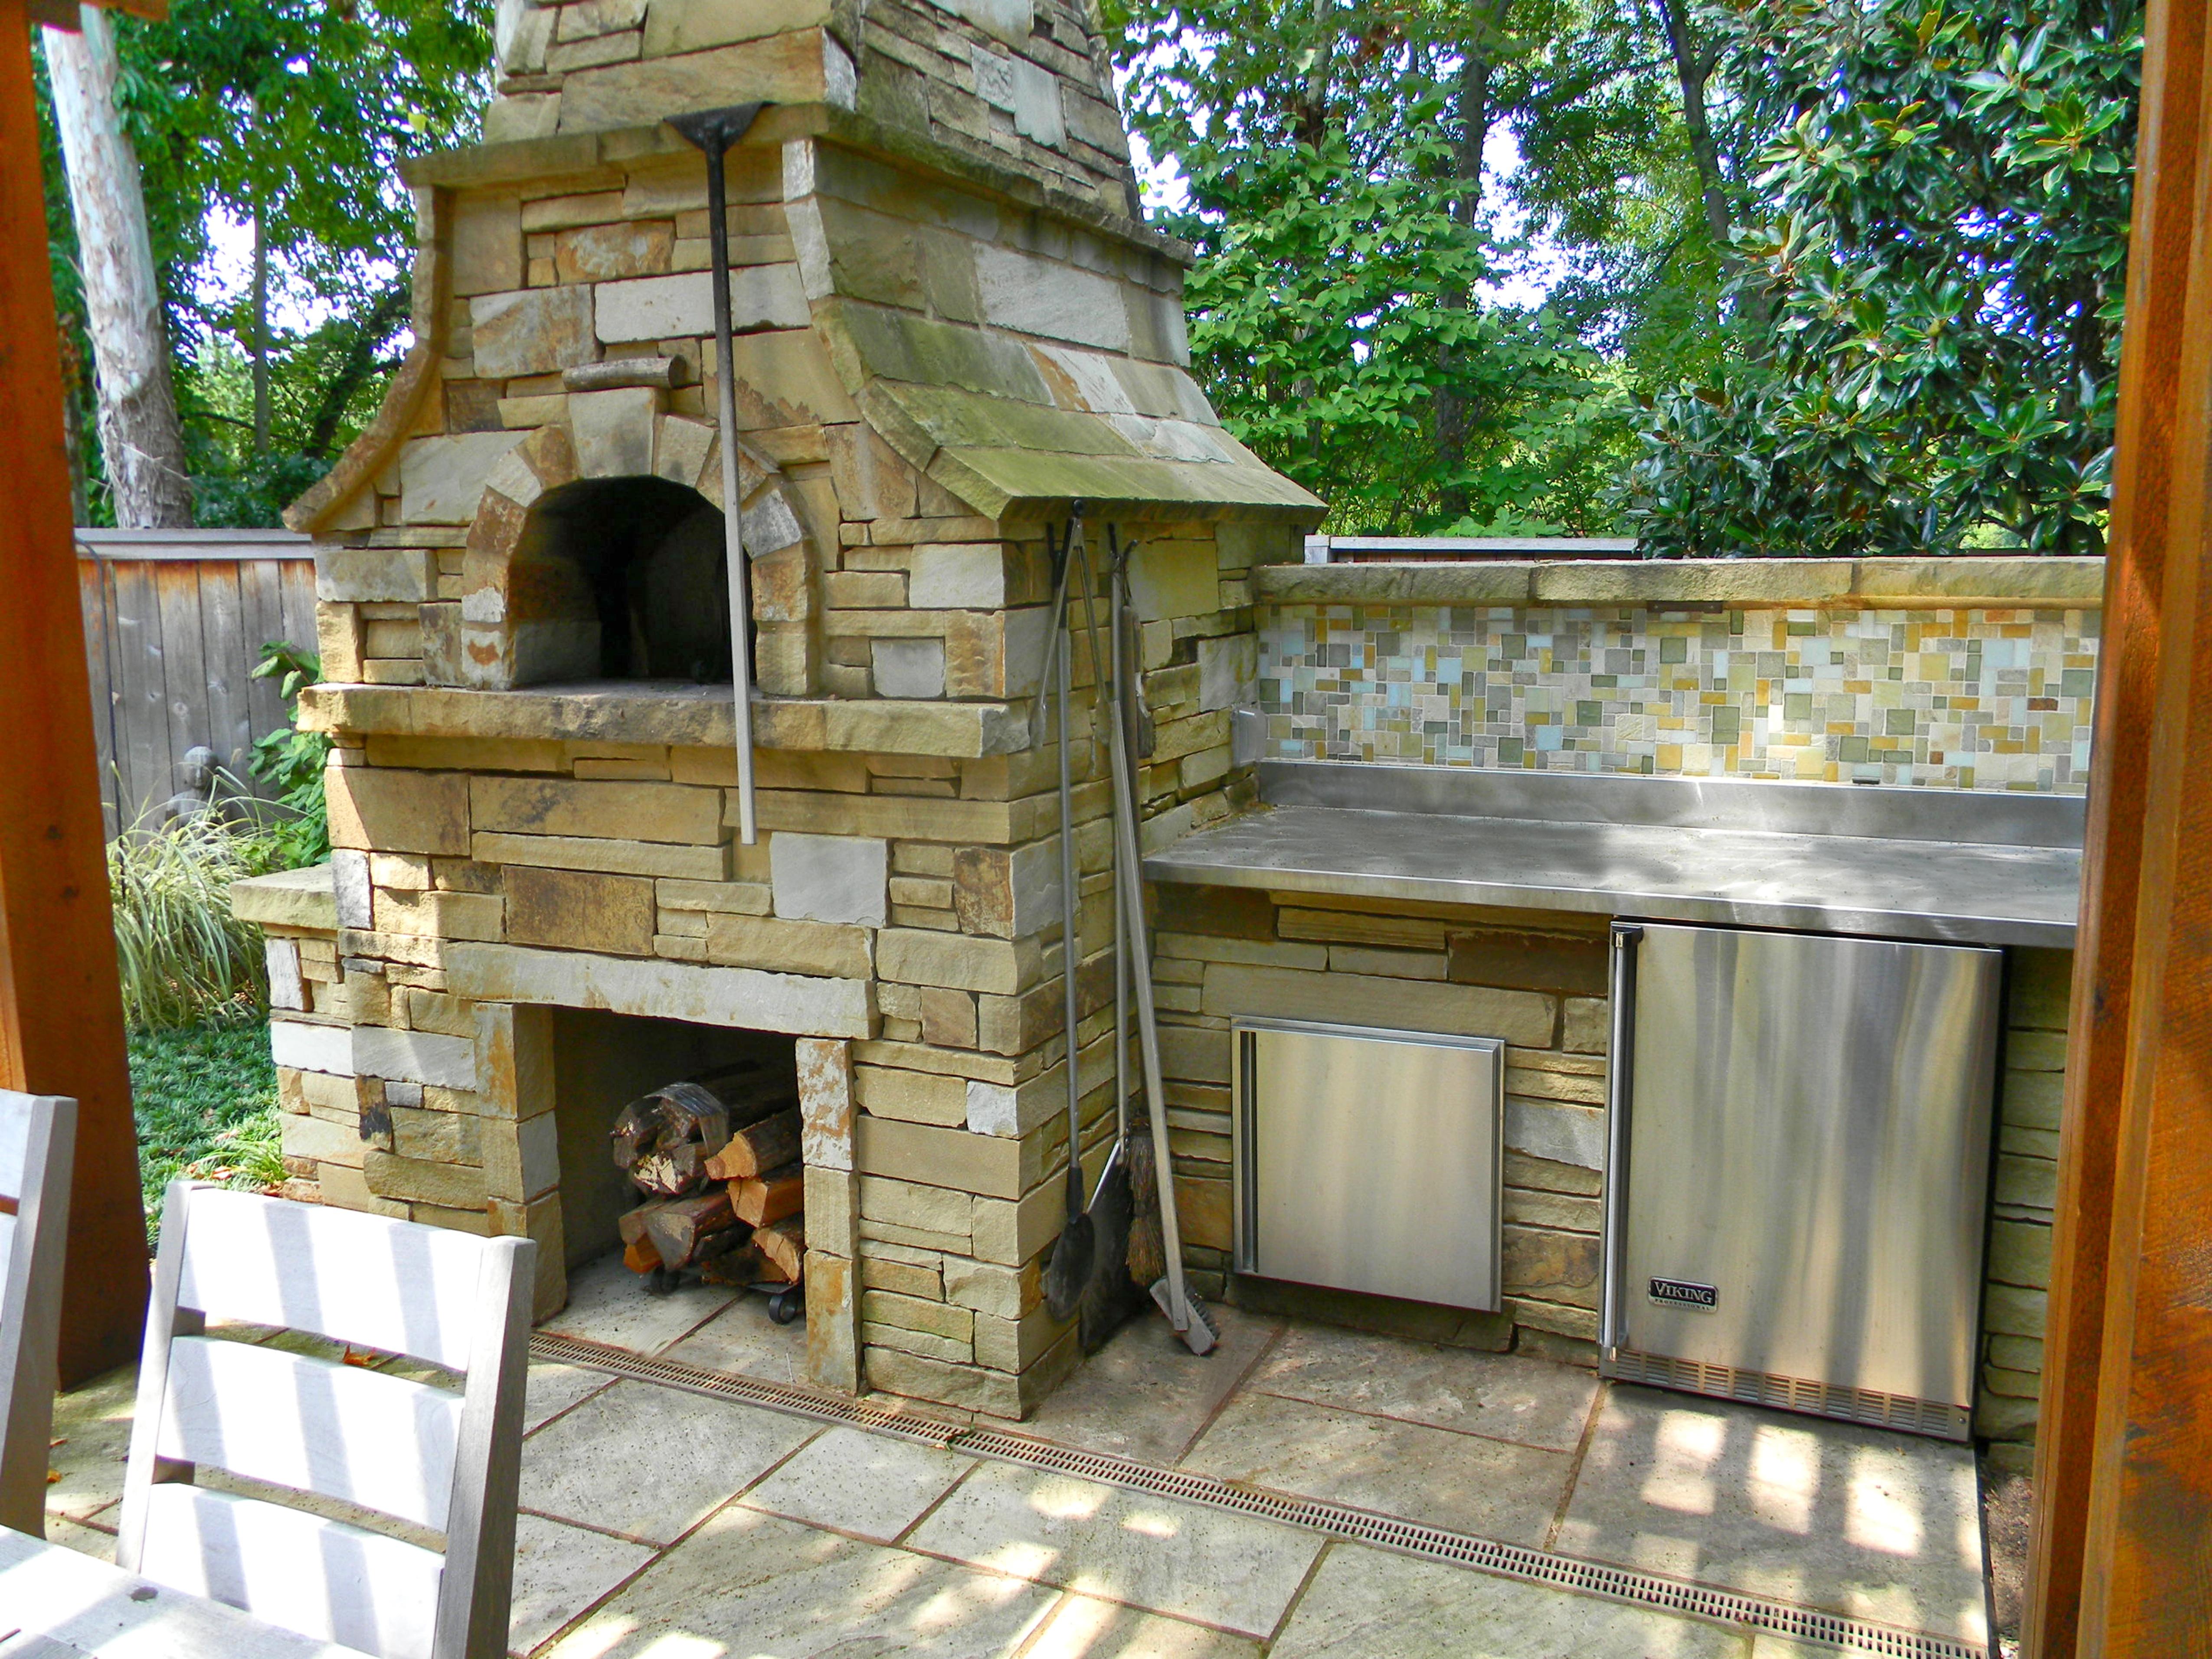 outside oven